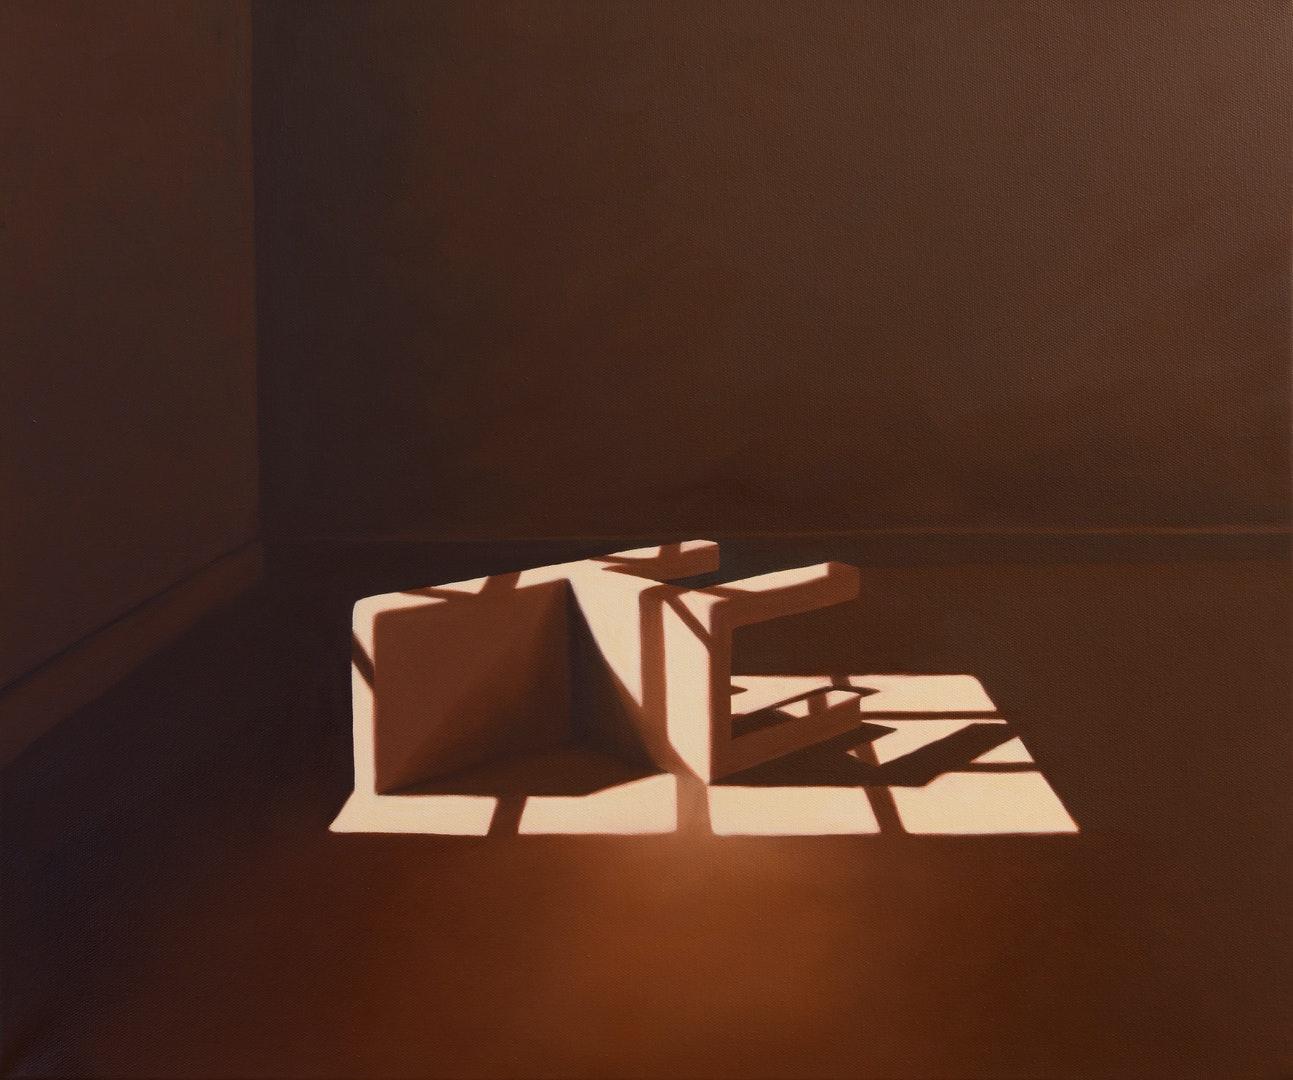 'Incidental', Jill Tate, Oil on canvas, 51 x 61 cm